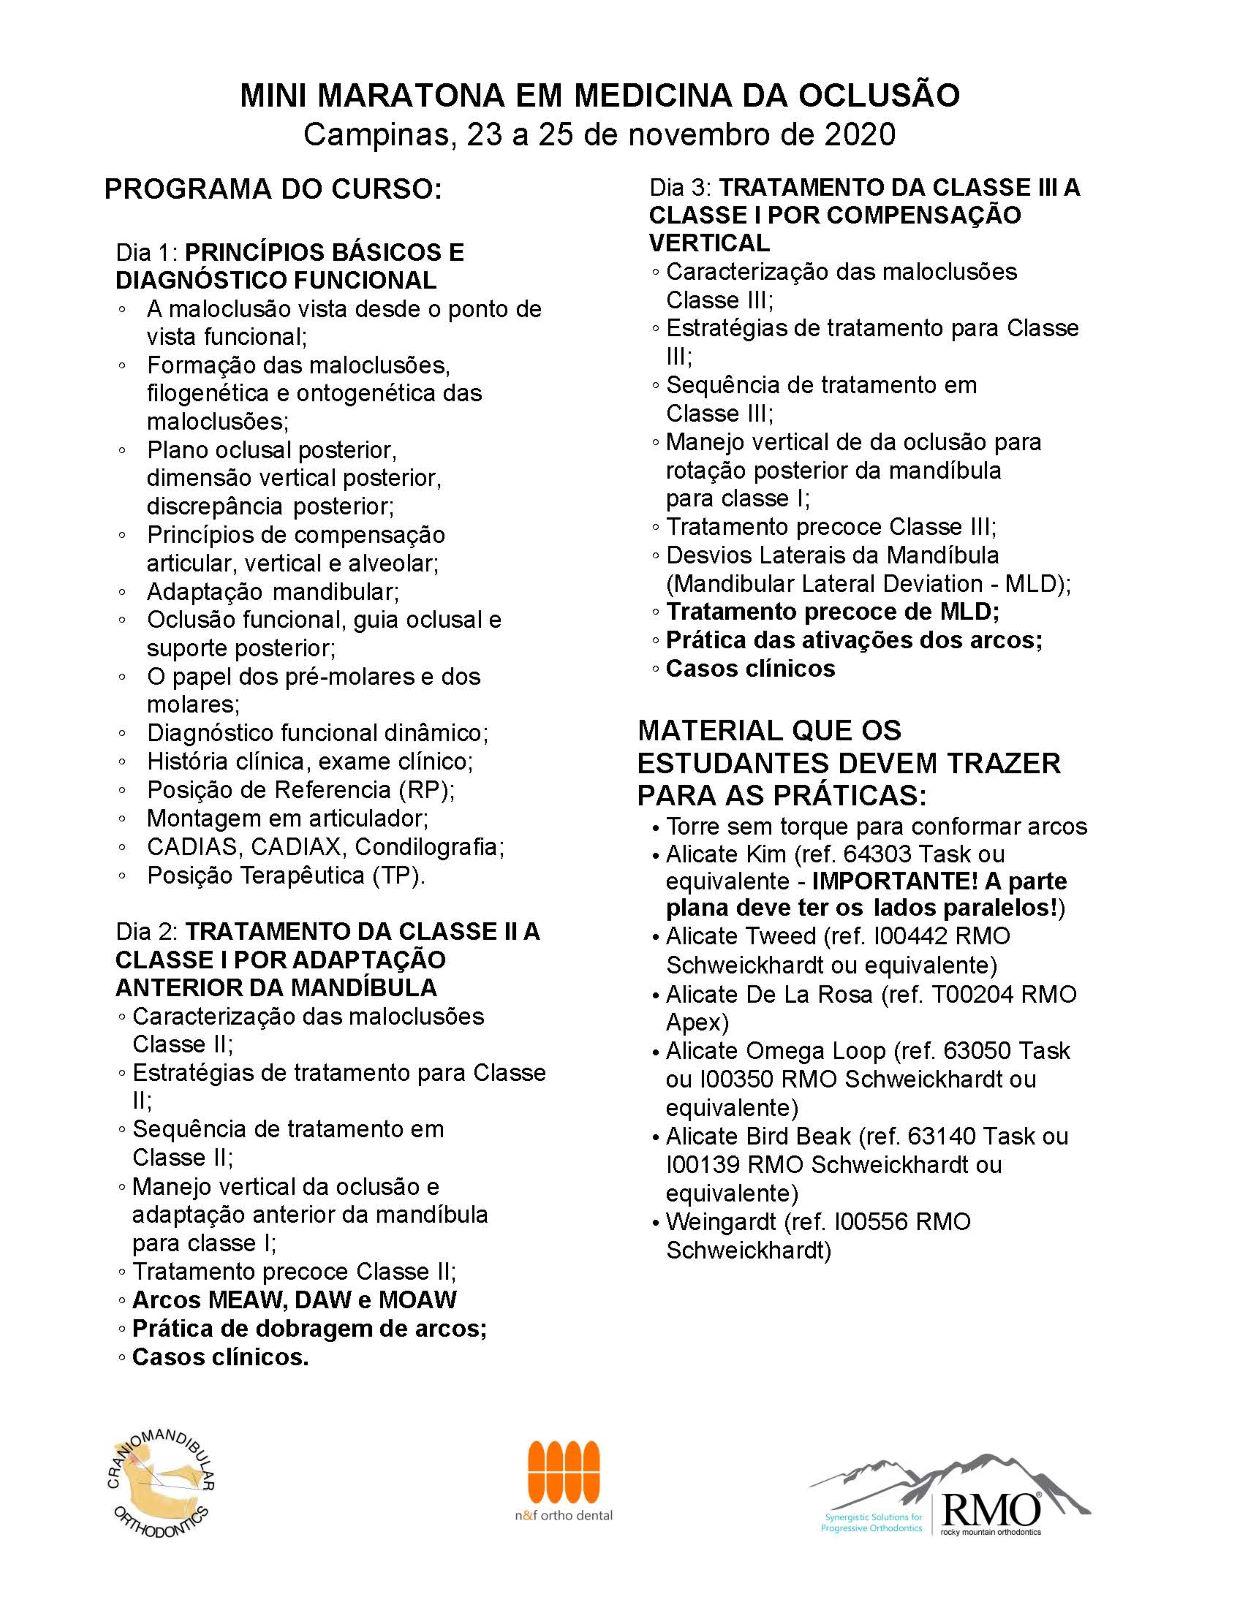 MINI-MARATONA EM MEDICINA DA OCLUSÃO 23 a 25 de novembro de 2020  - N&F Ortho Dental